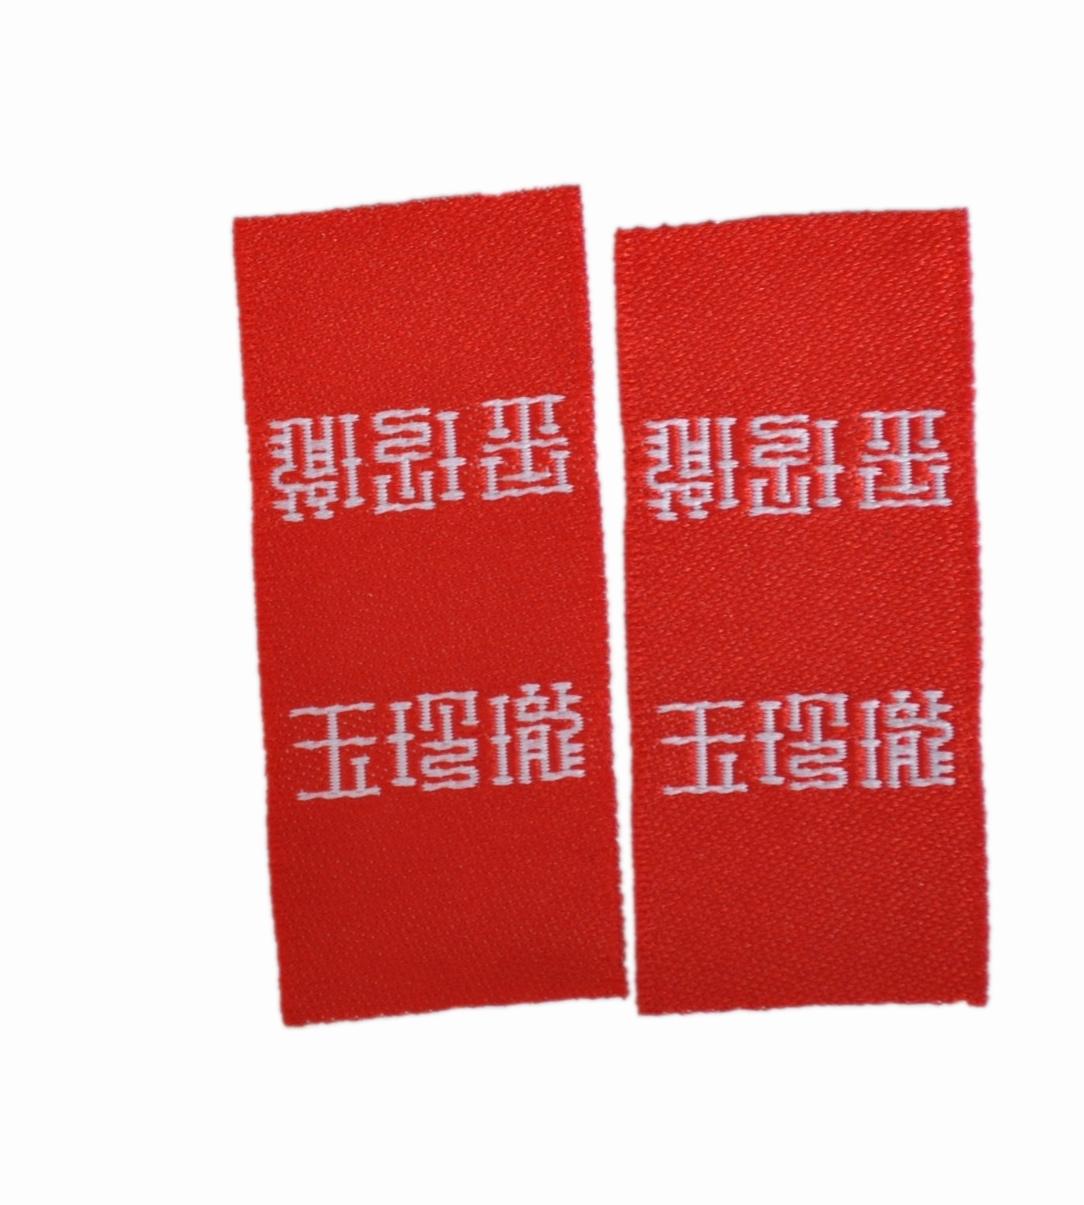 杭州最好的秋蝶普通烧边机服装织唛供应